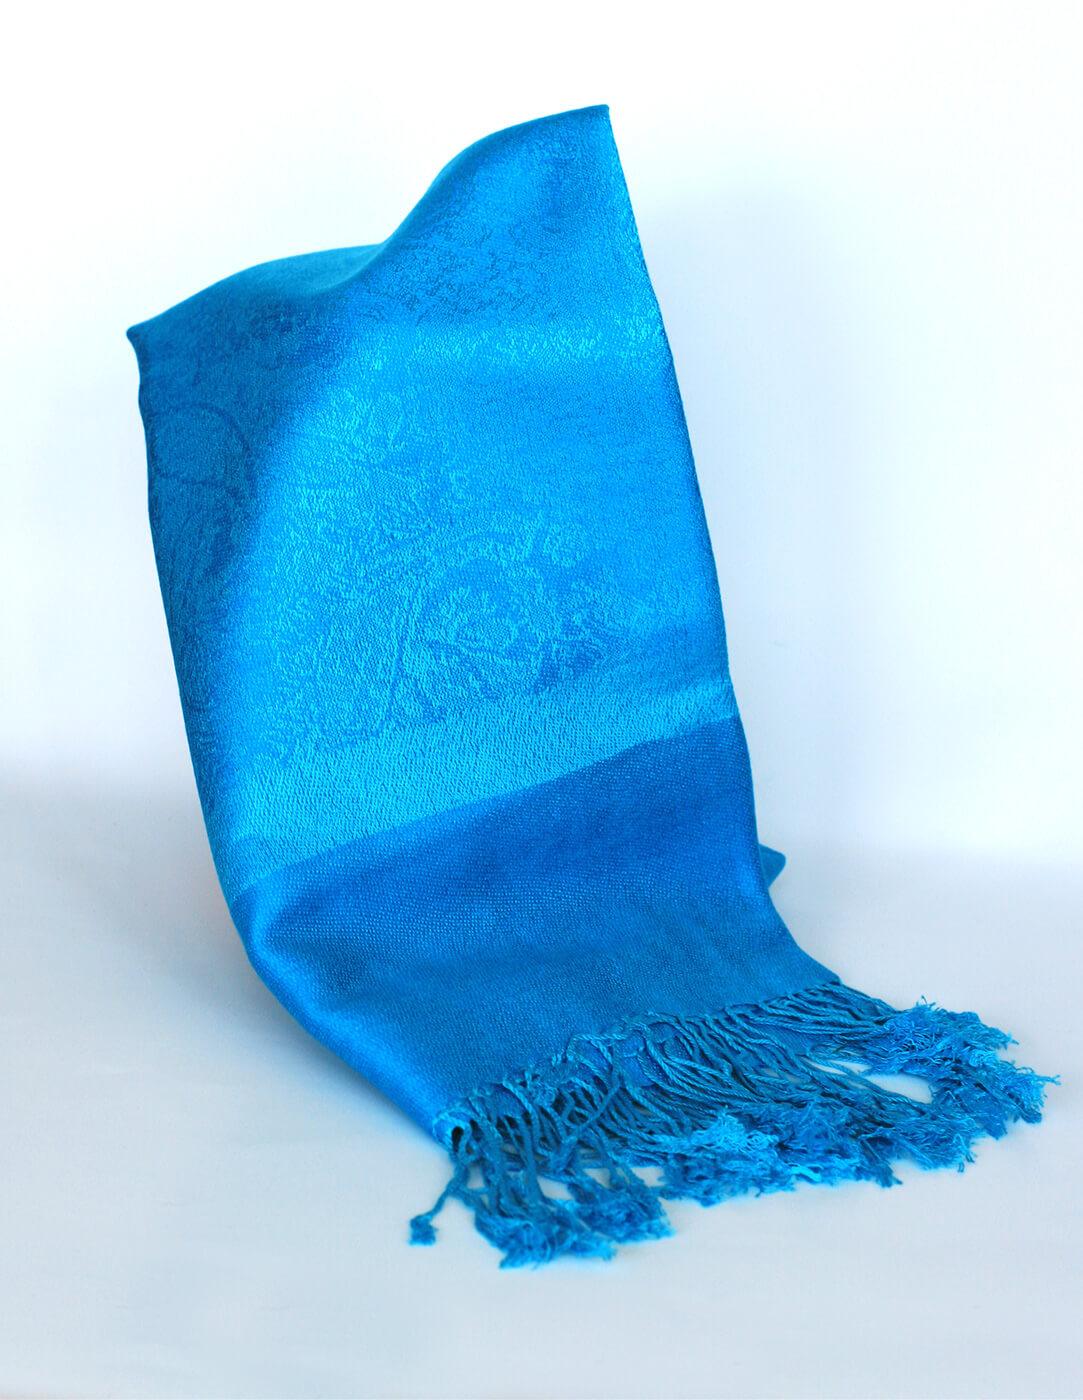 Pašmína (kašmírový šál) - farba tyrkysová